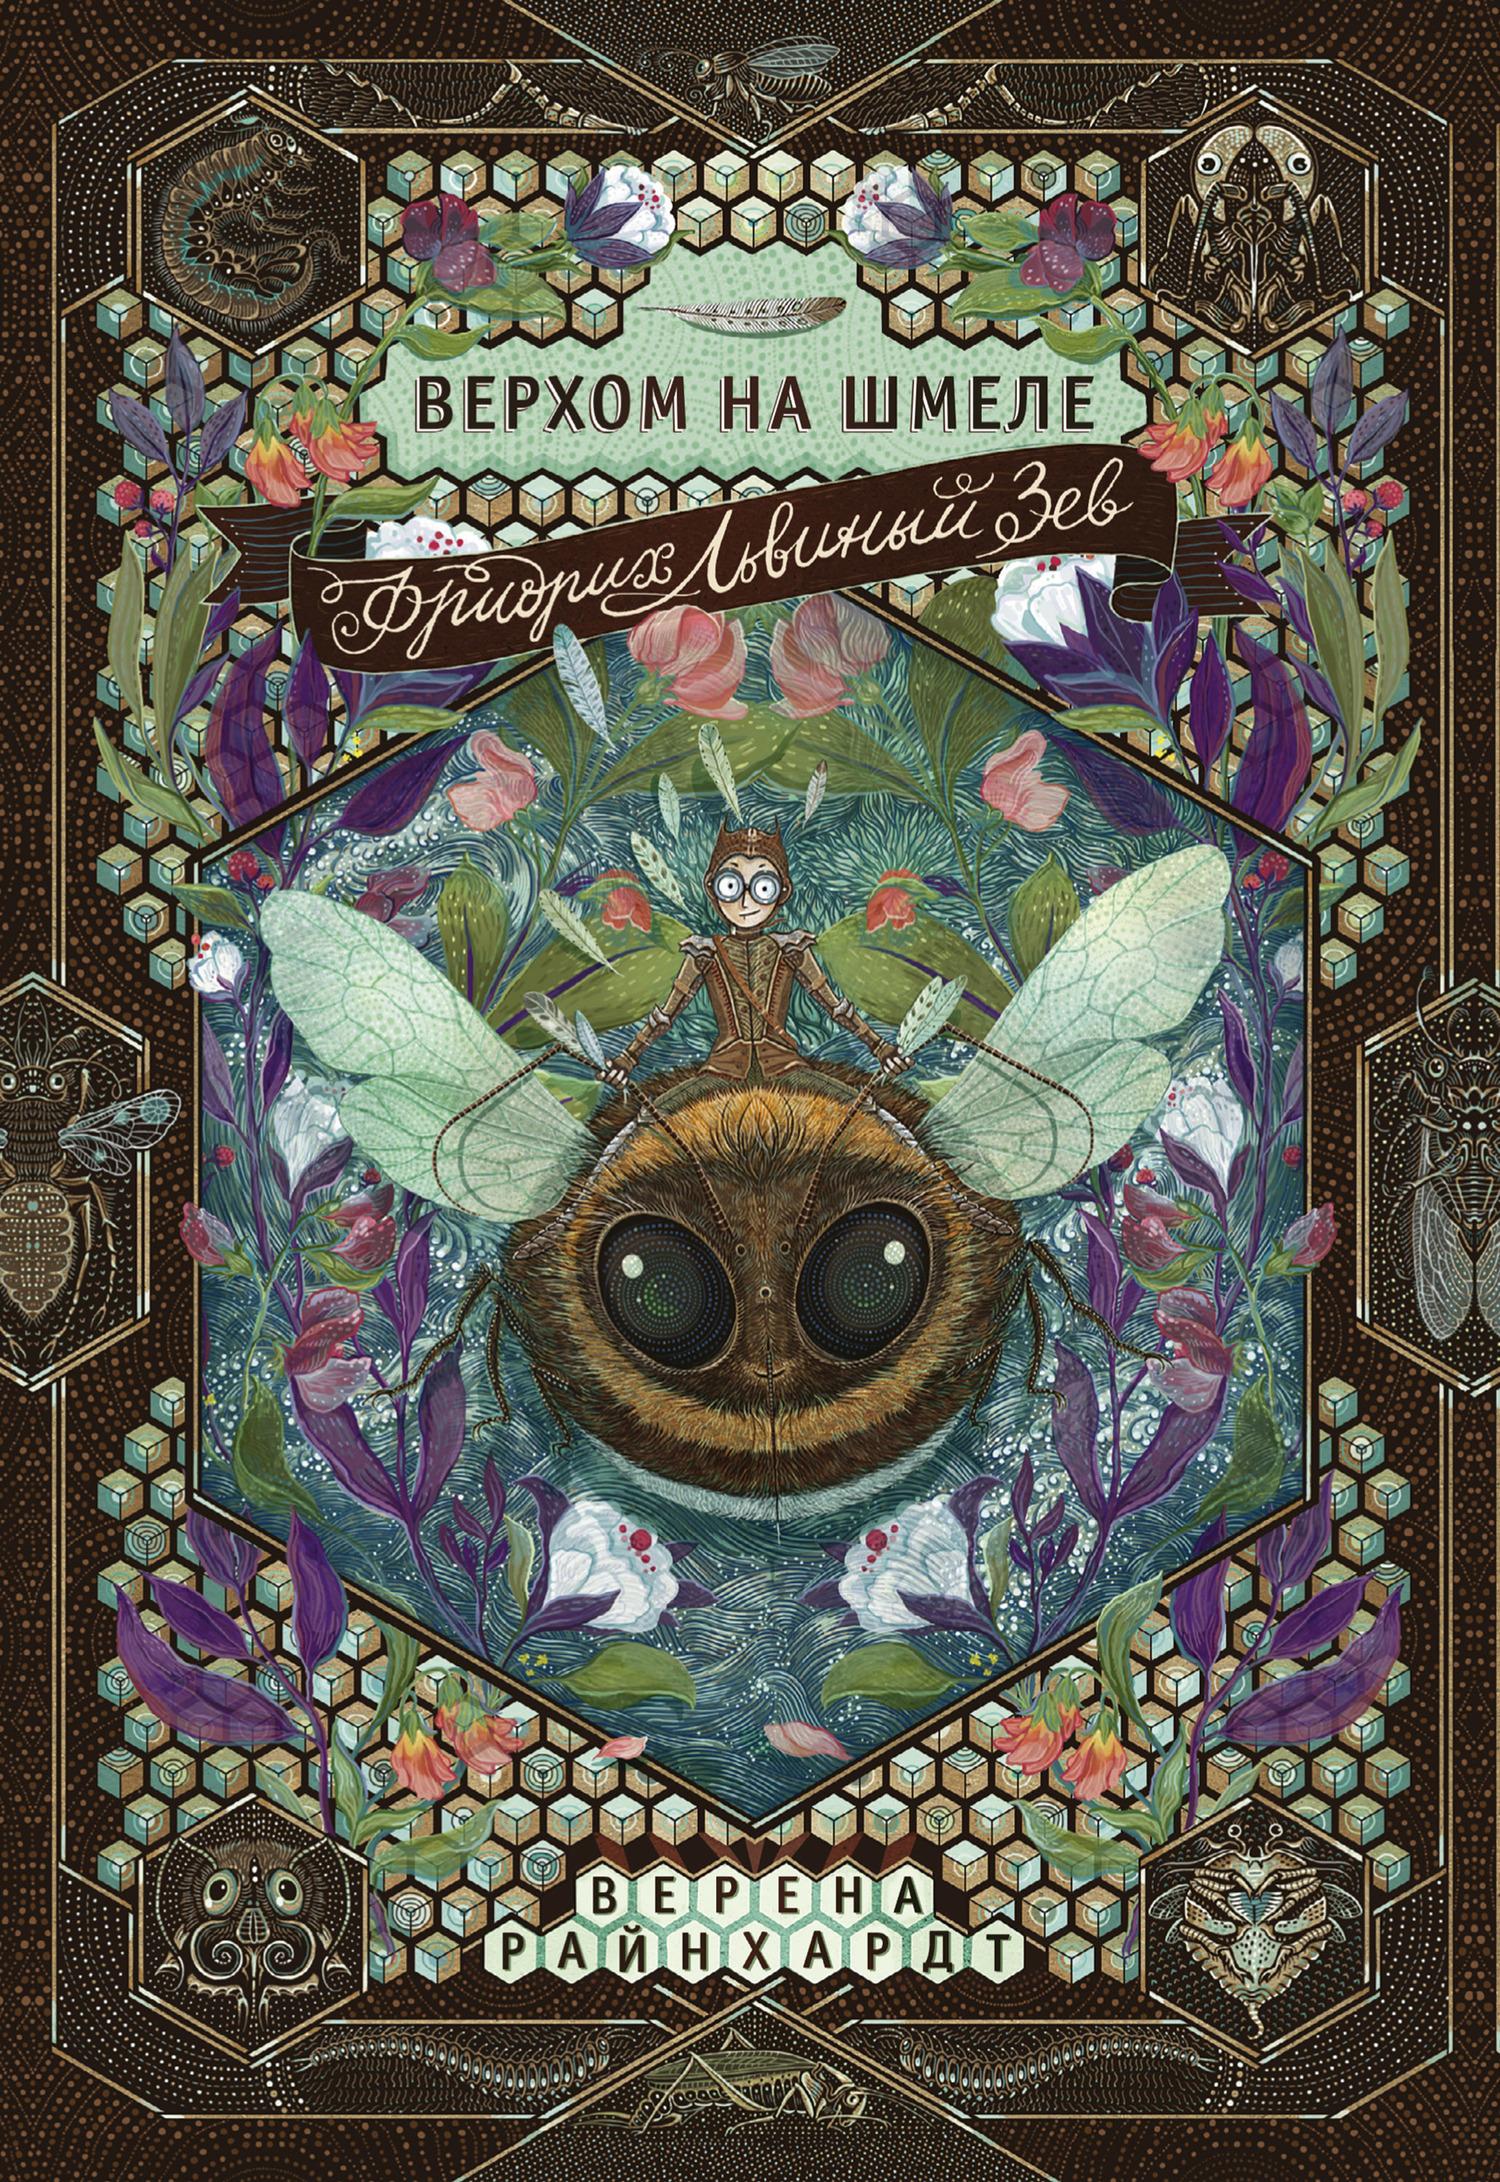 Обложка книги Фридрих Львиный Зев верхом на шмеле, автор Верена Райнхардт